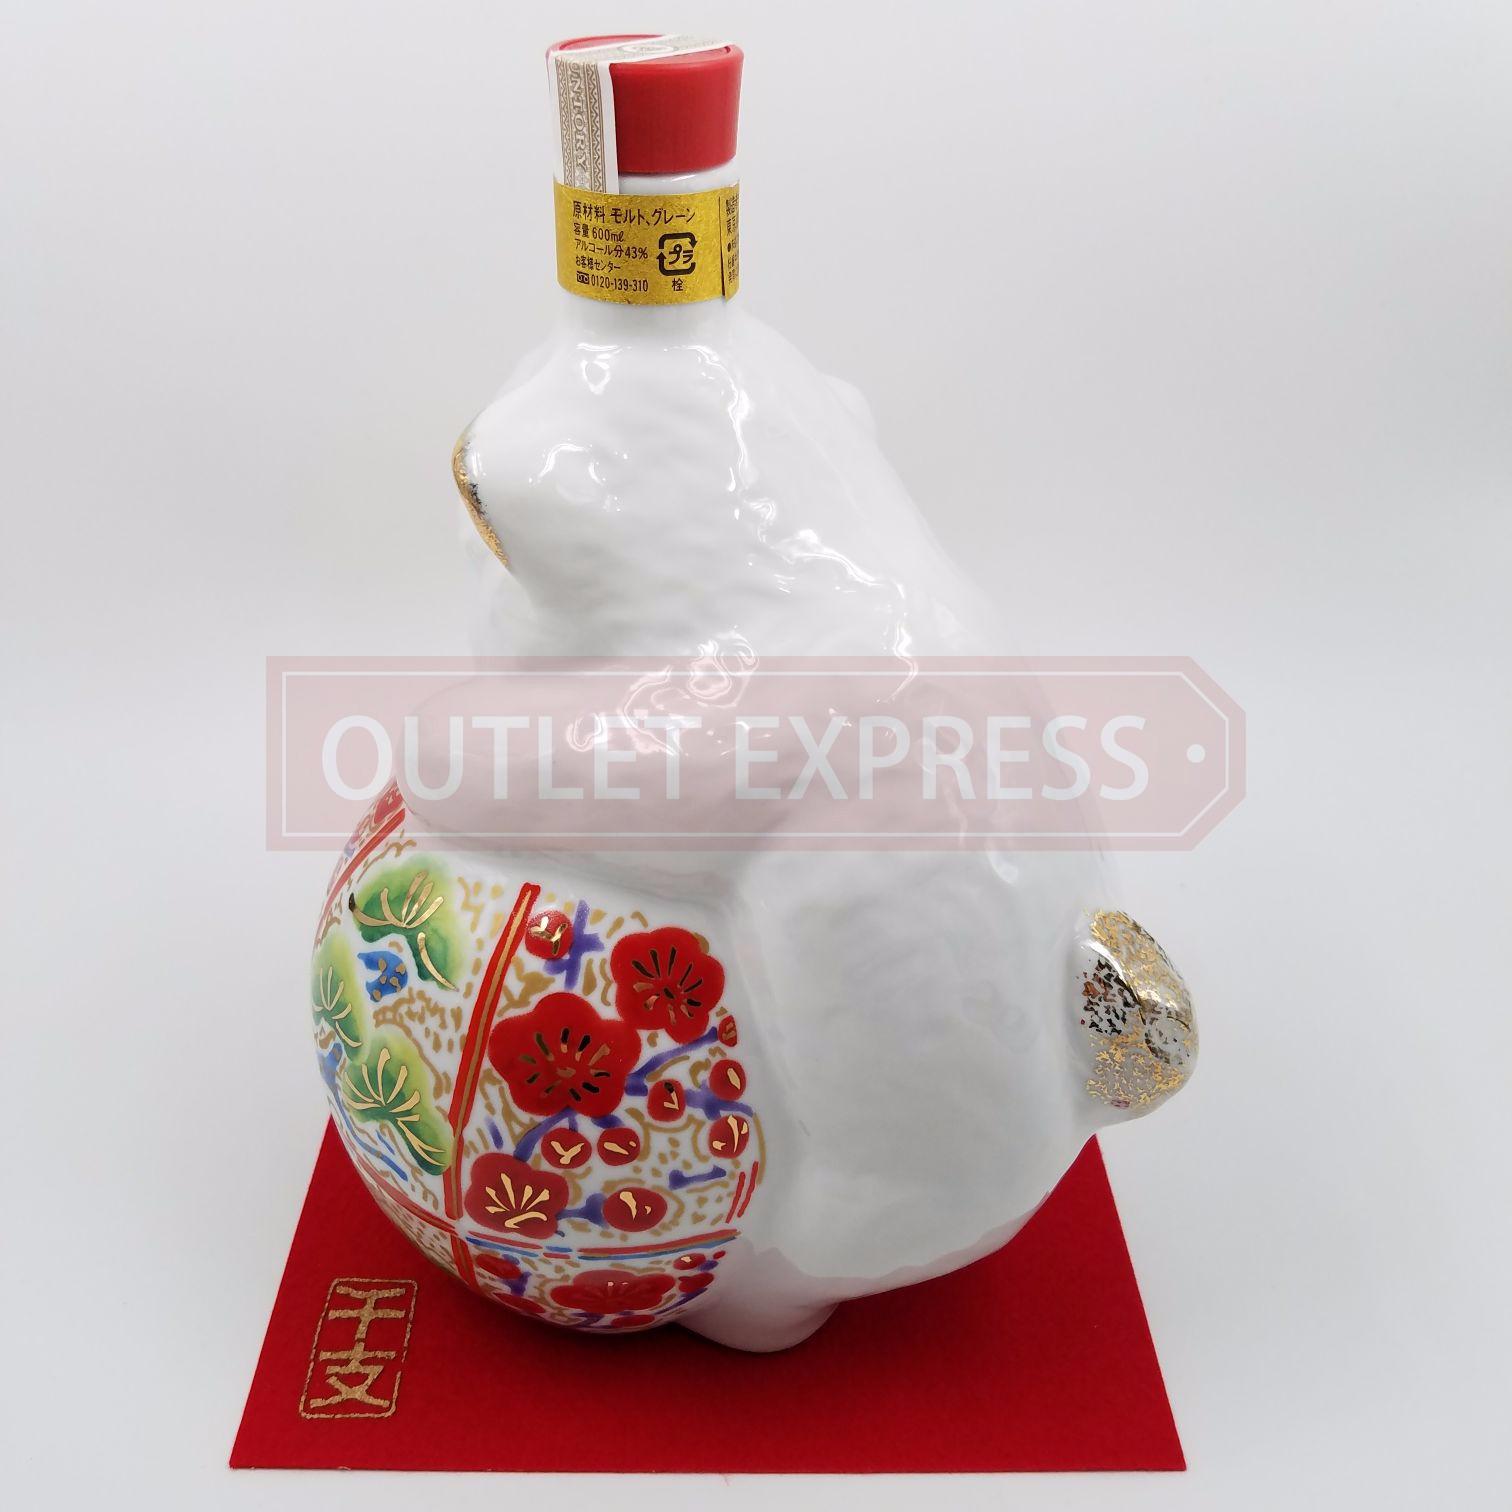 三得利美濃燒陶瓶狗年生肖威士忌 | 生肖酒- Outlet Express HK生活百貨城實拍相片